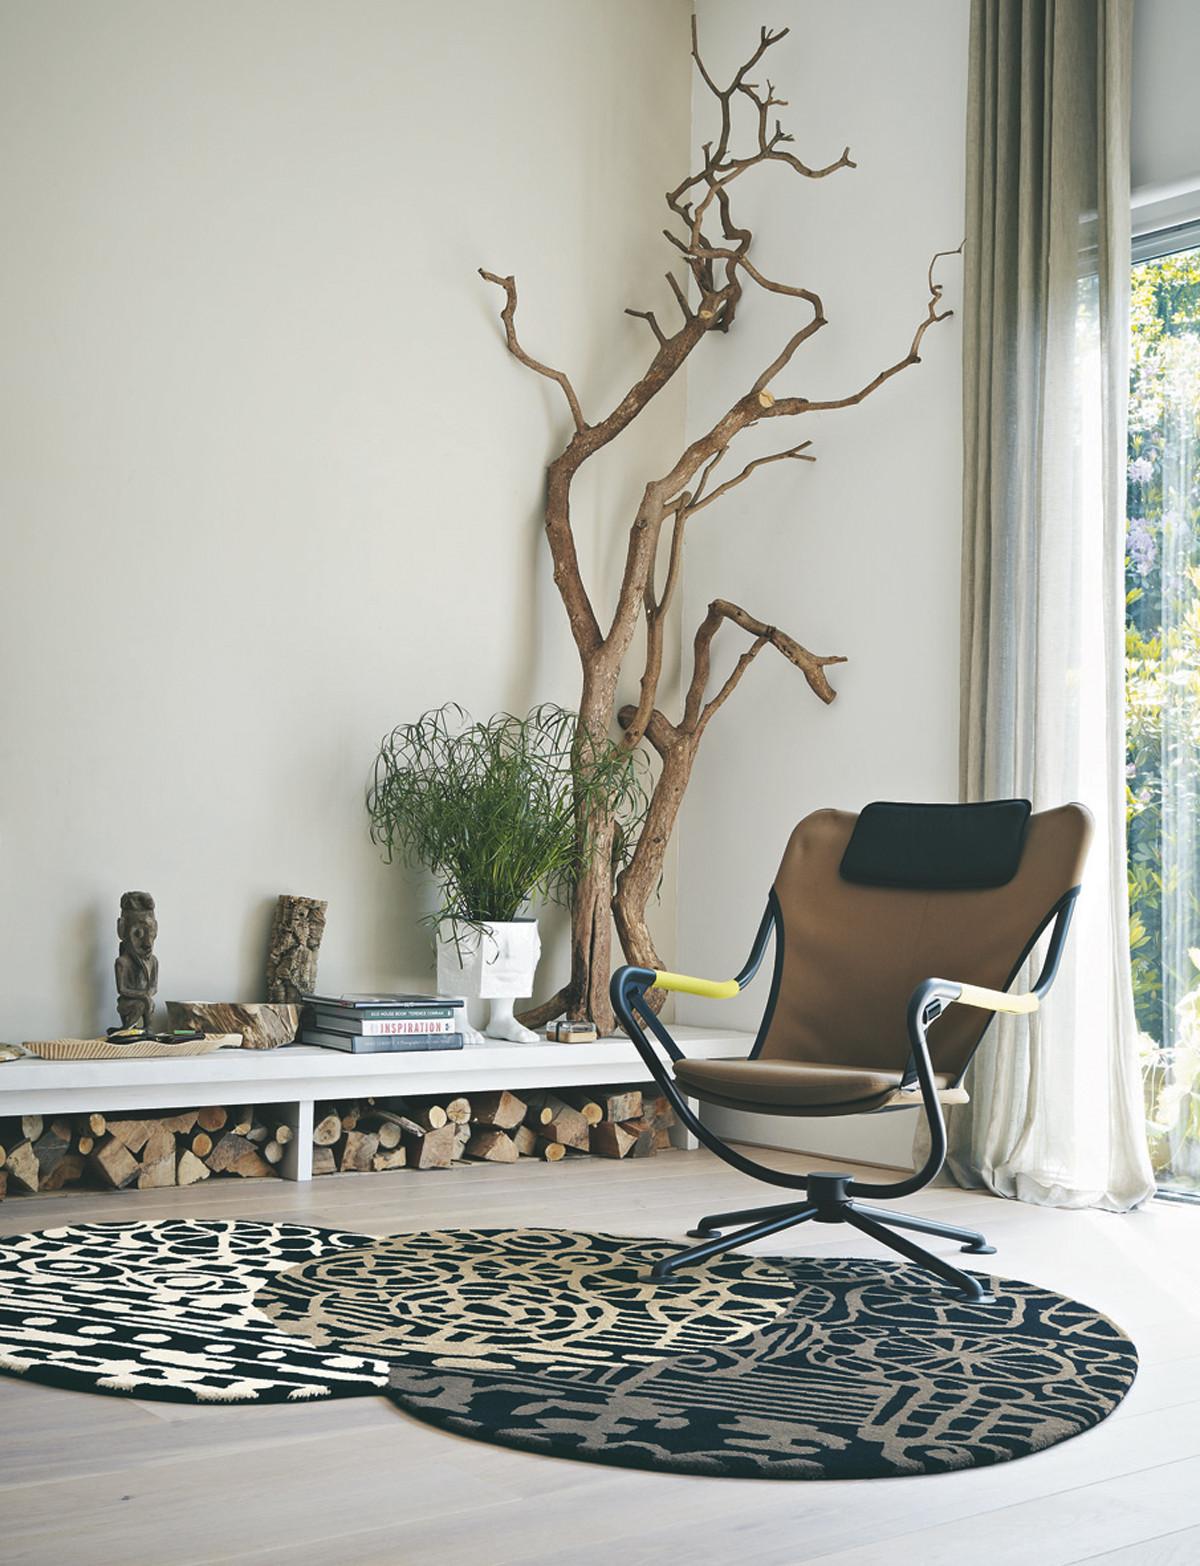 Ideas de decoraci n c mo tener una casa salvaje gracias - Arboles de interior ...